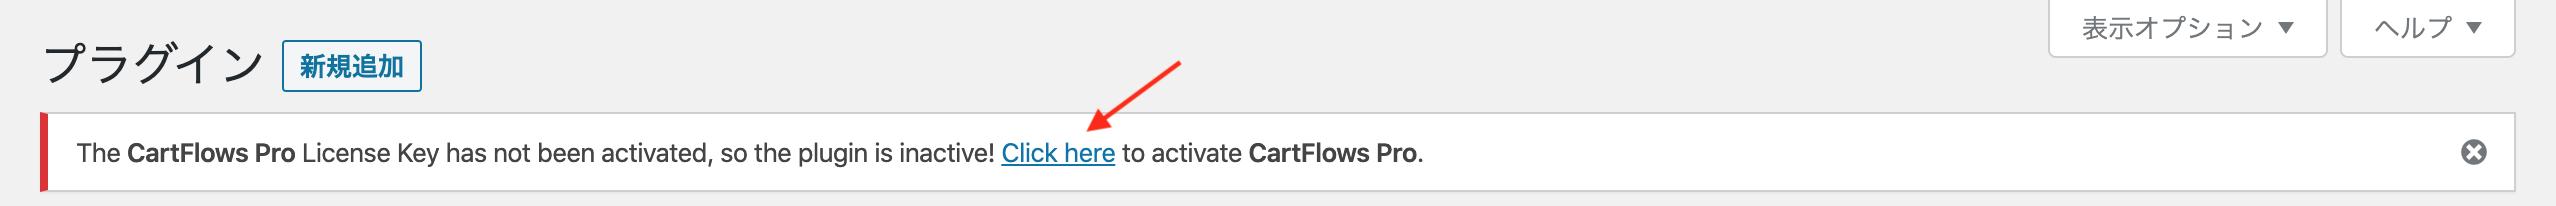 CartFlows Proのアクティベートをする